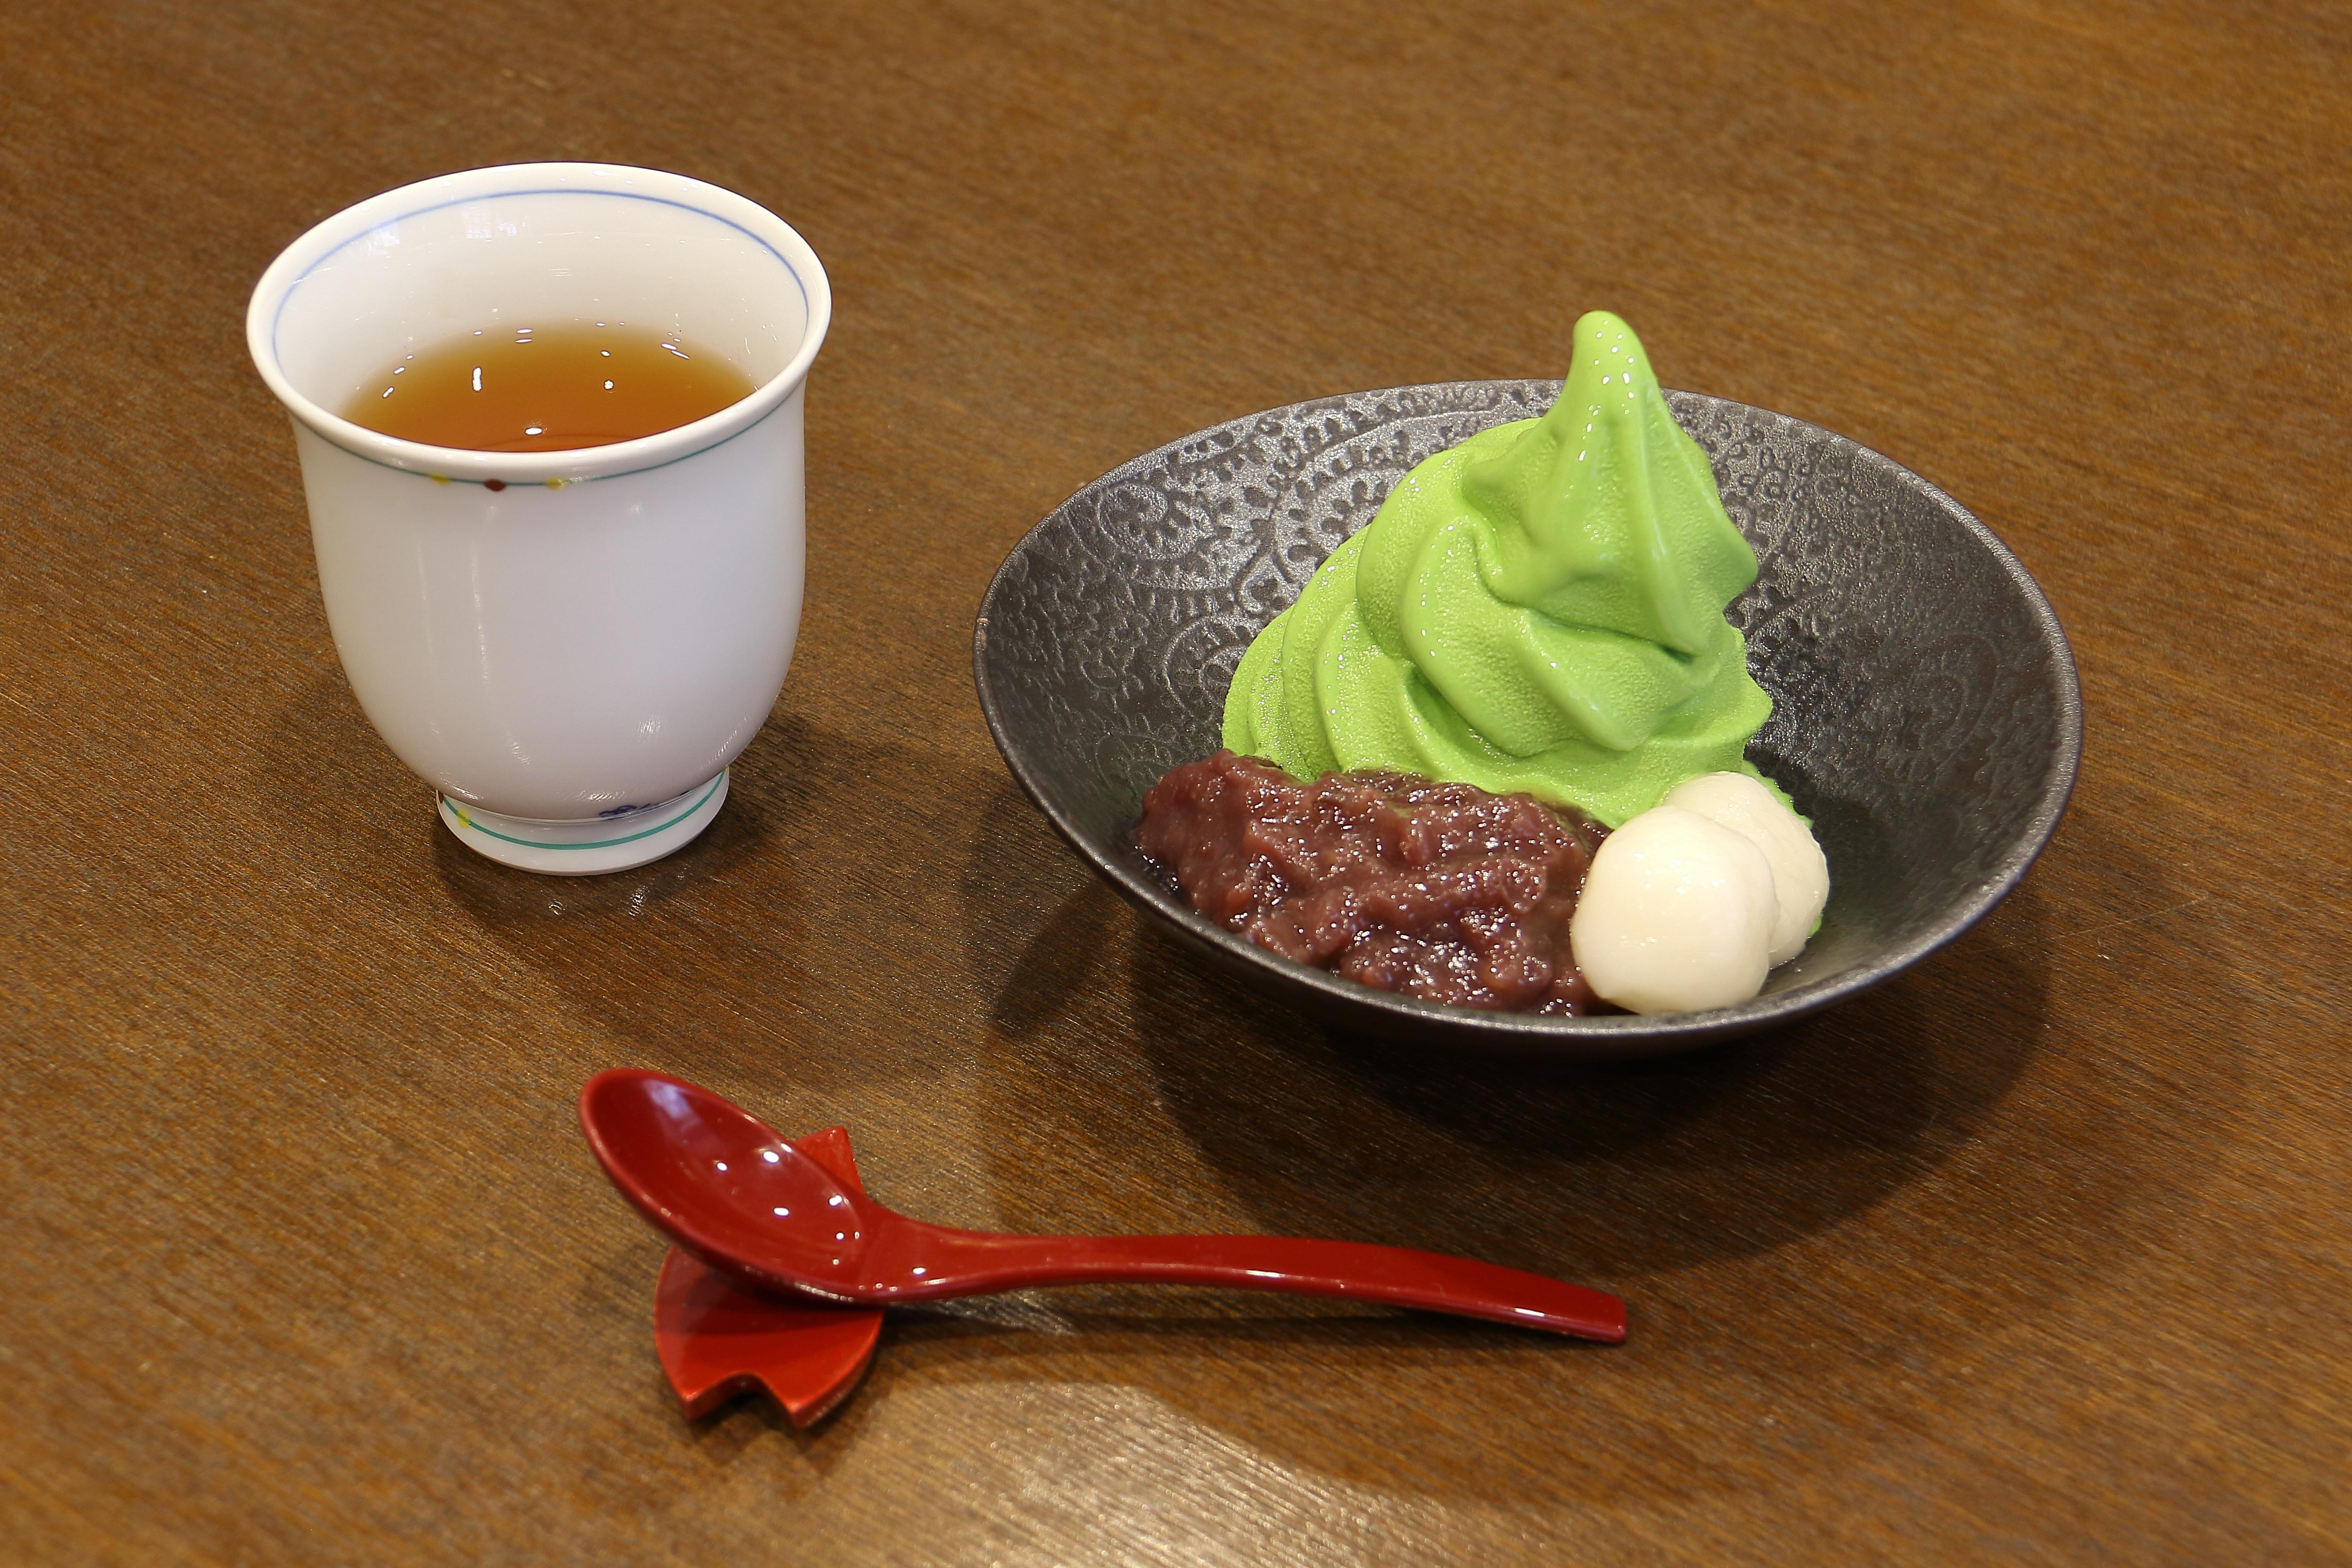 小倉山とほうじ茶のセット